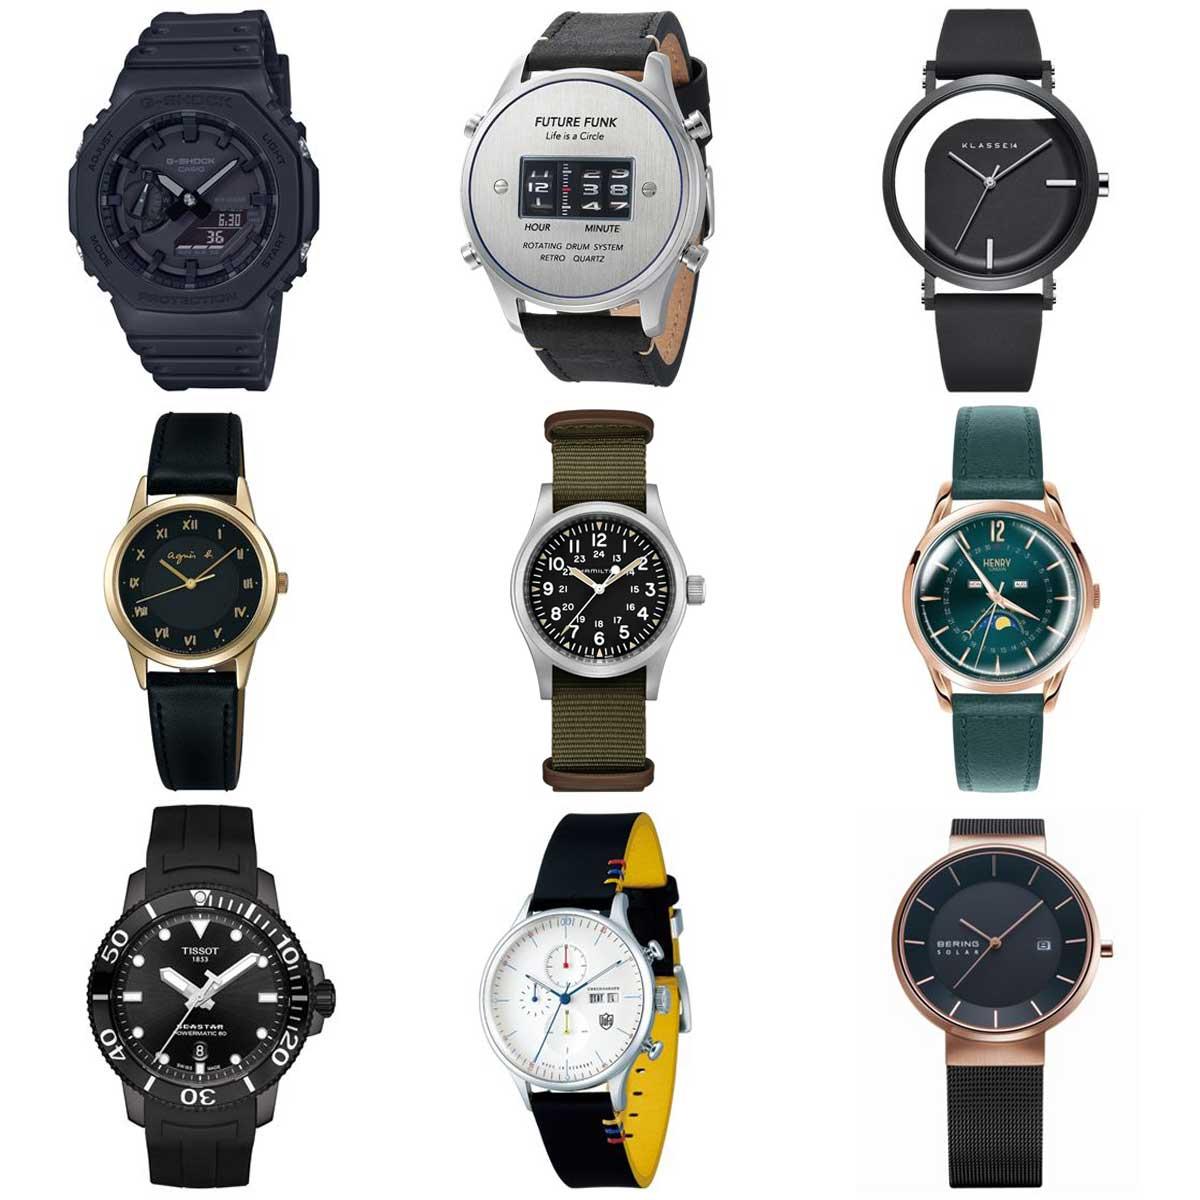 時計店店員がイチオシする「腕時計」はこの9本! 5万円以下の人気モデルが勢ぞろい